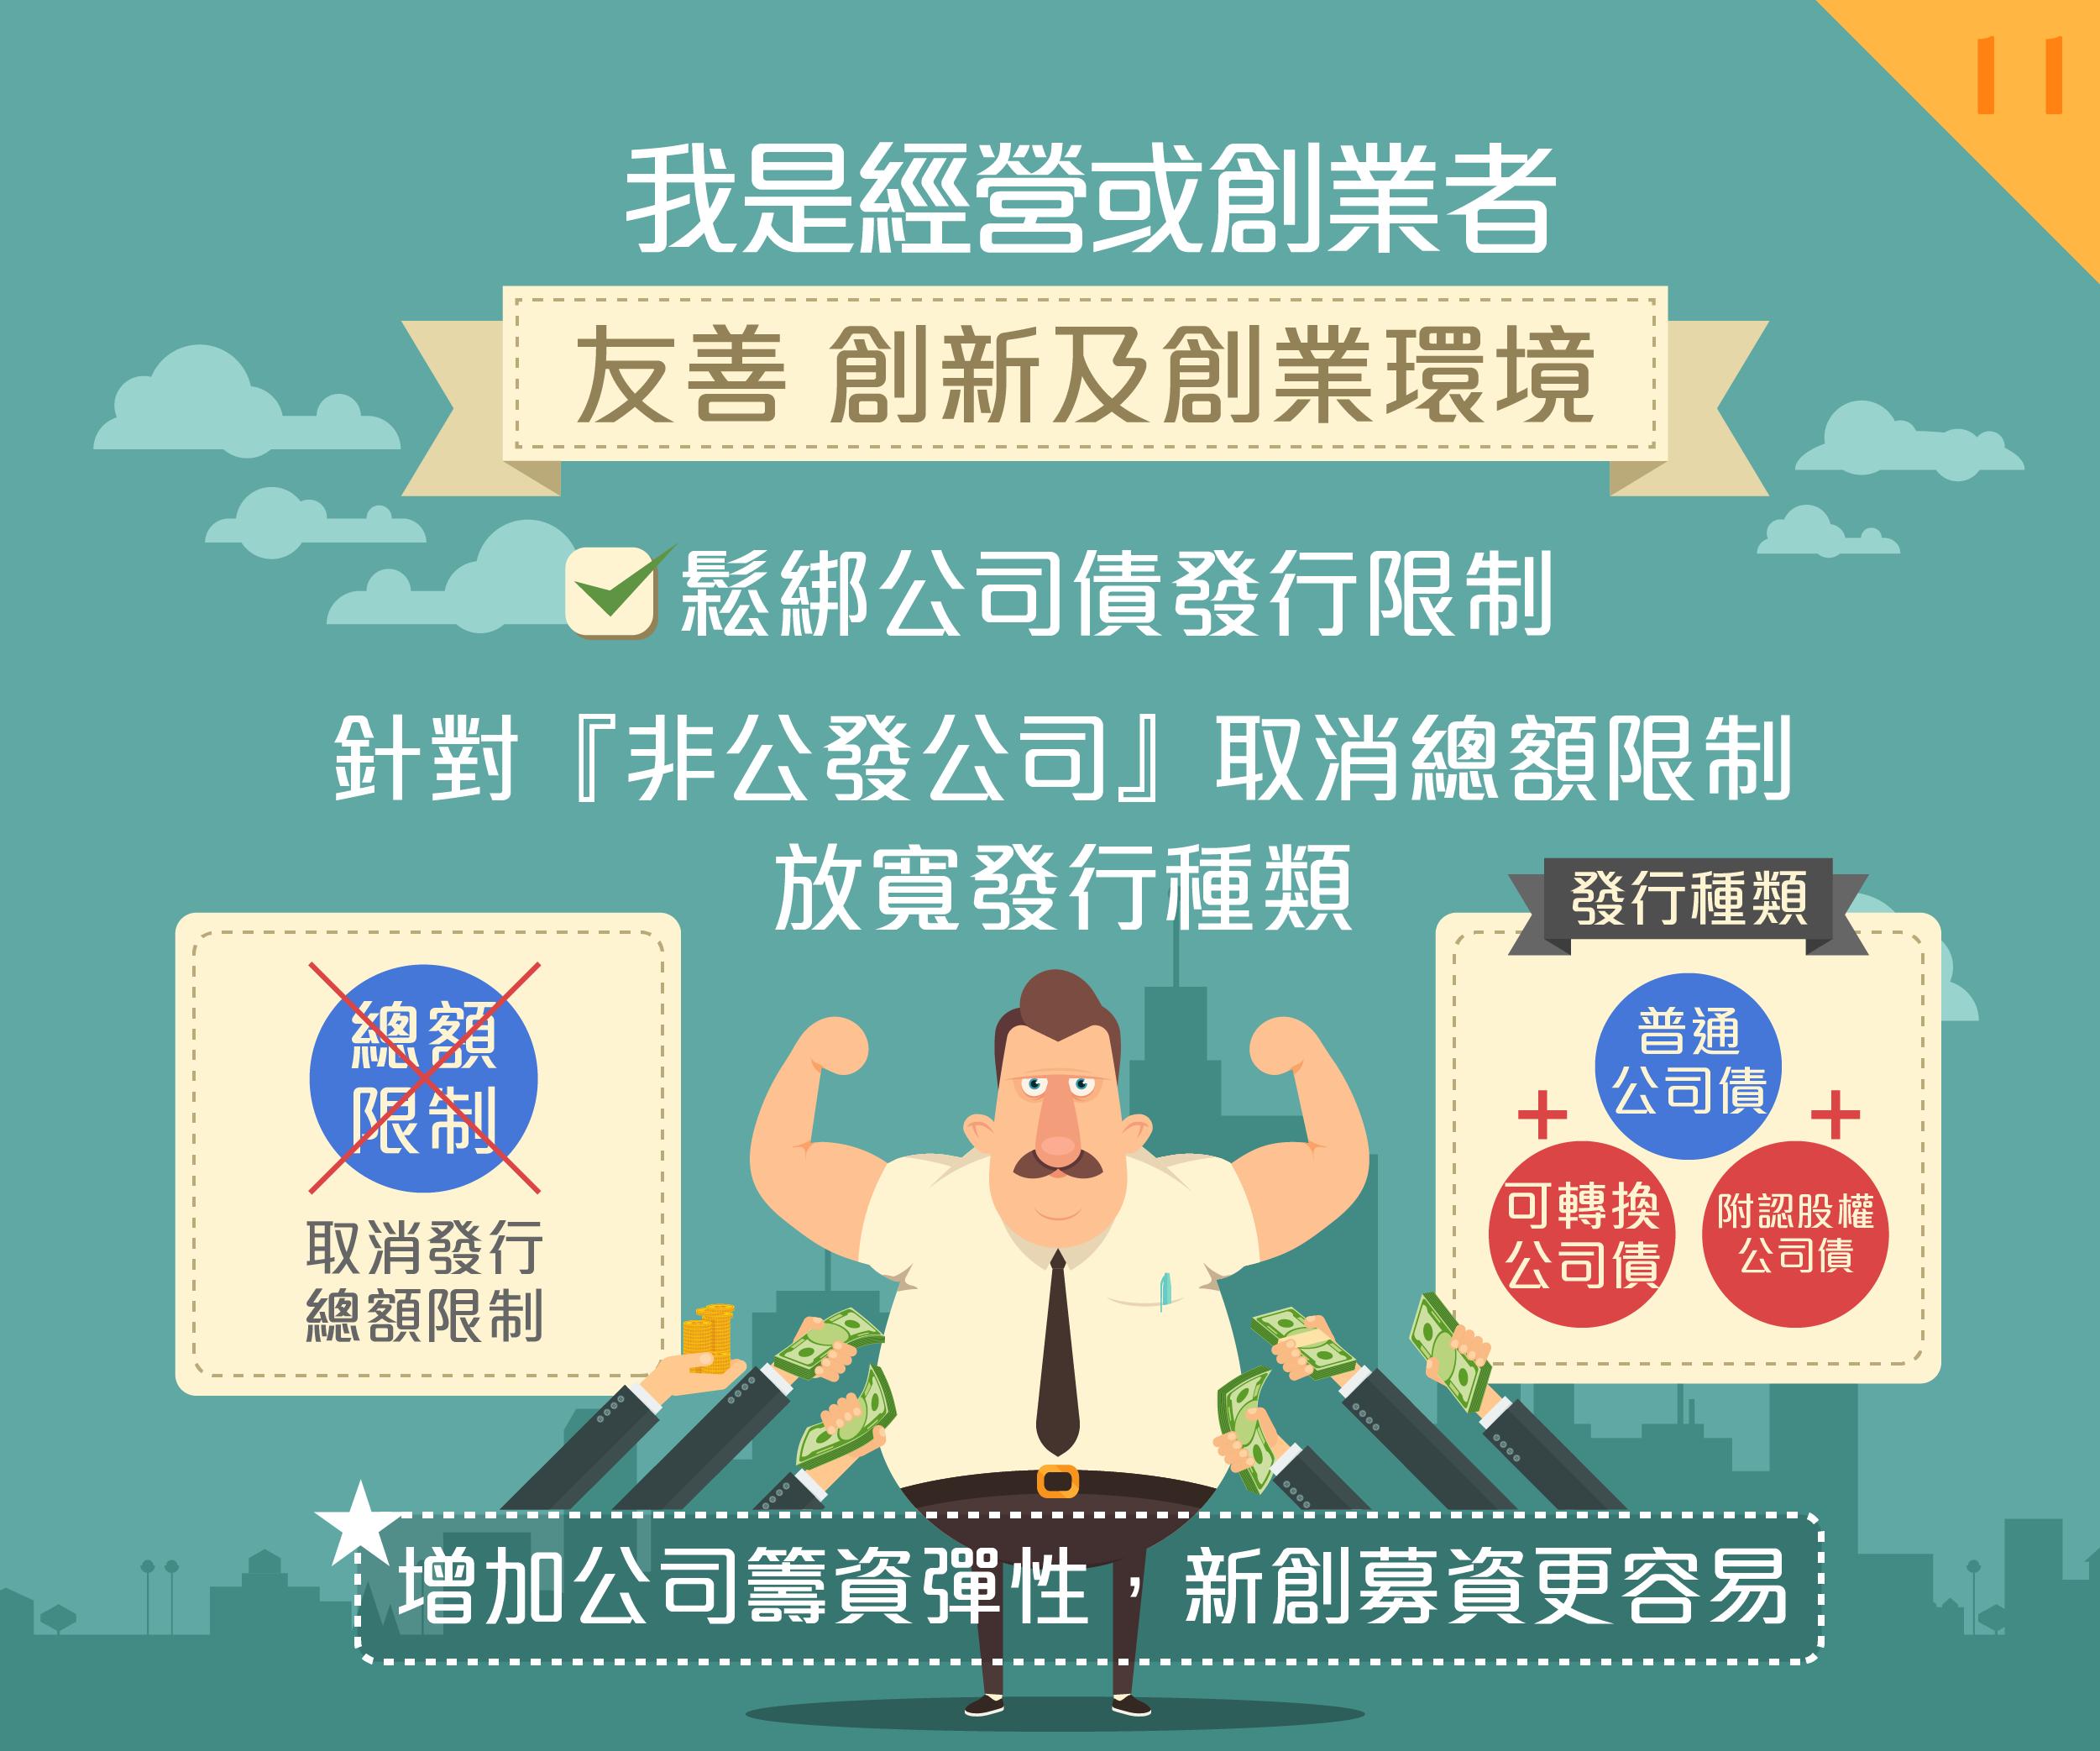 公司法懶人包修改2018-0827-12